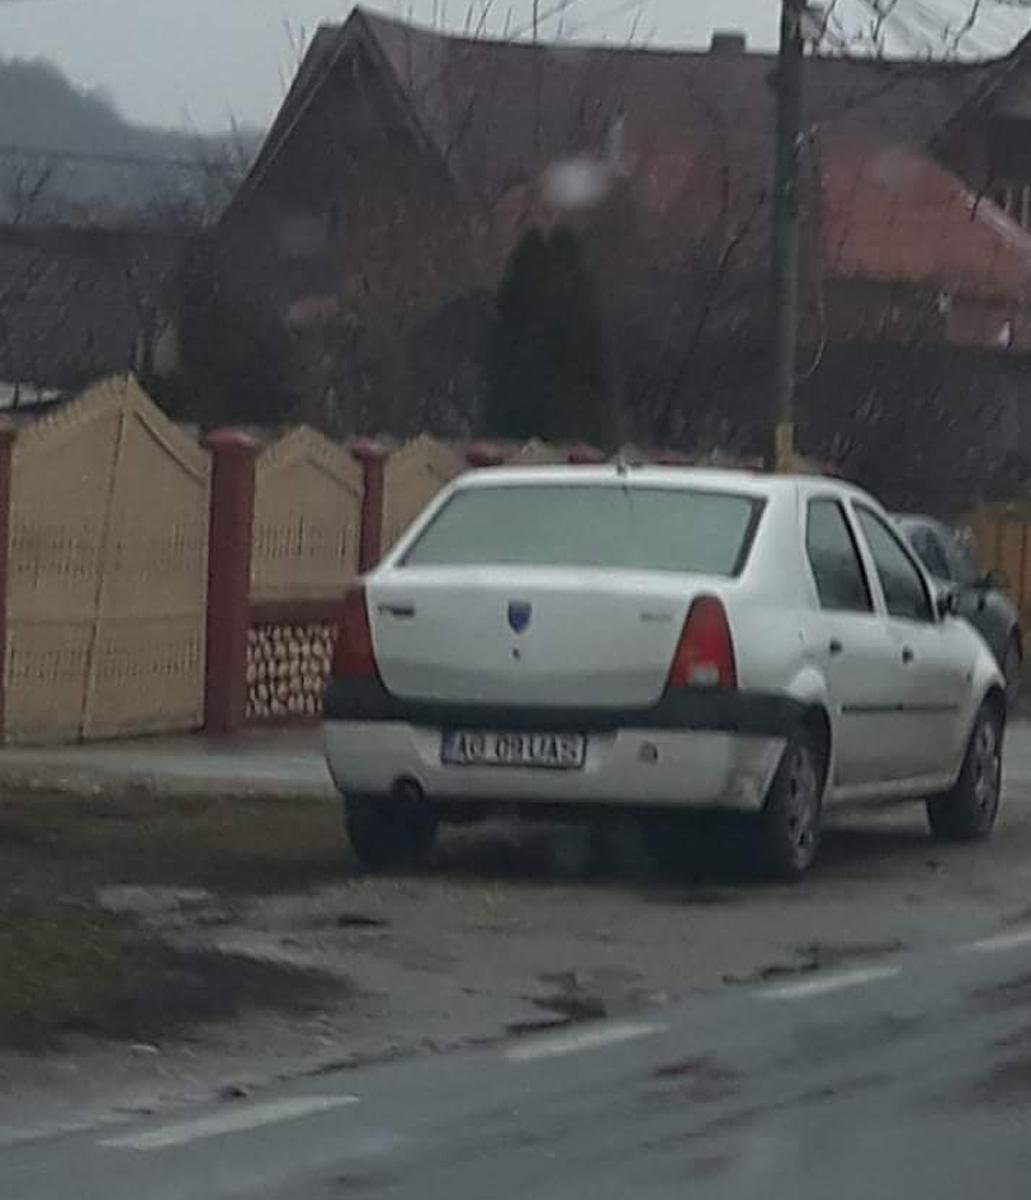 Poliţiştii îi filmează pe şoferi, iar unii şoferi filmează radarele...